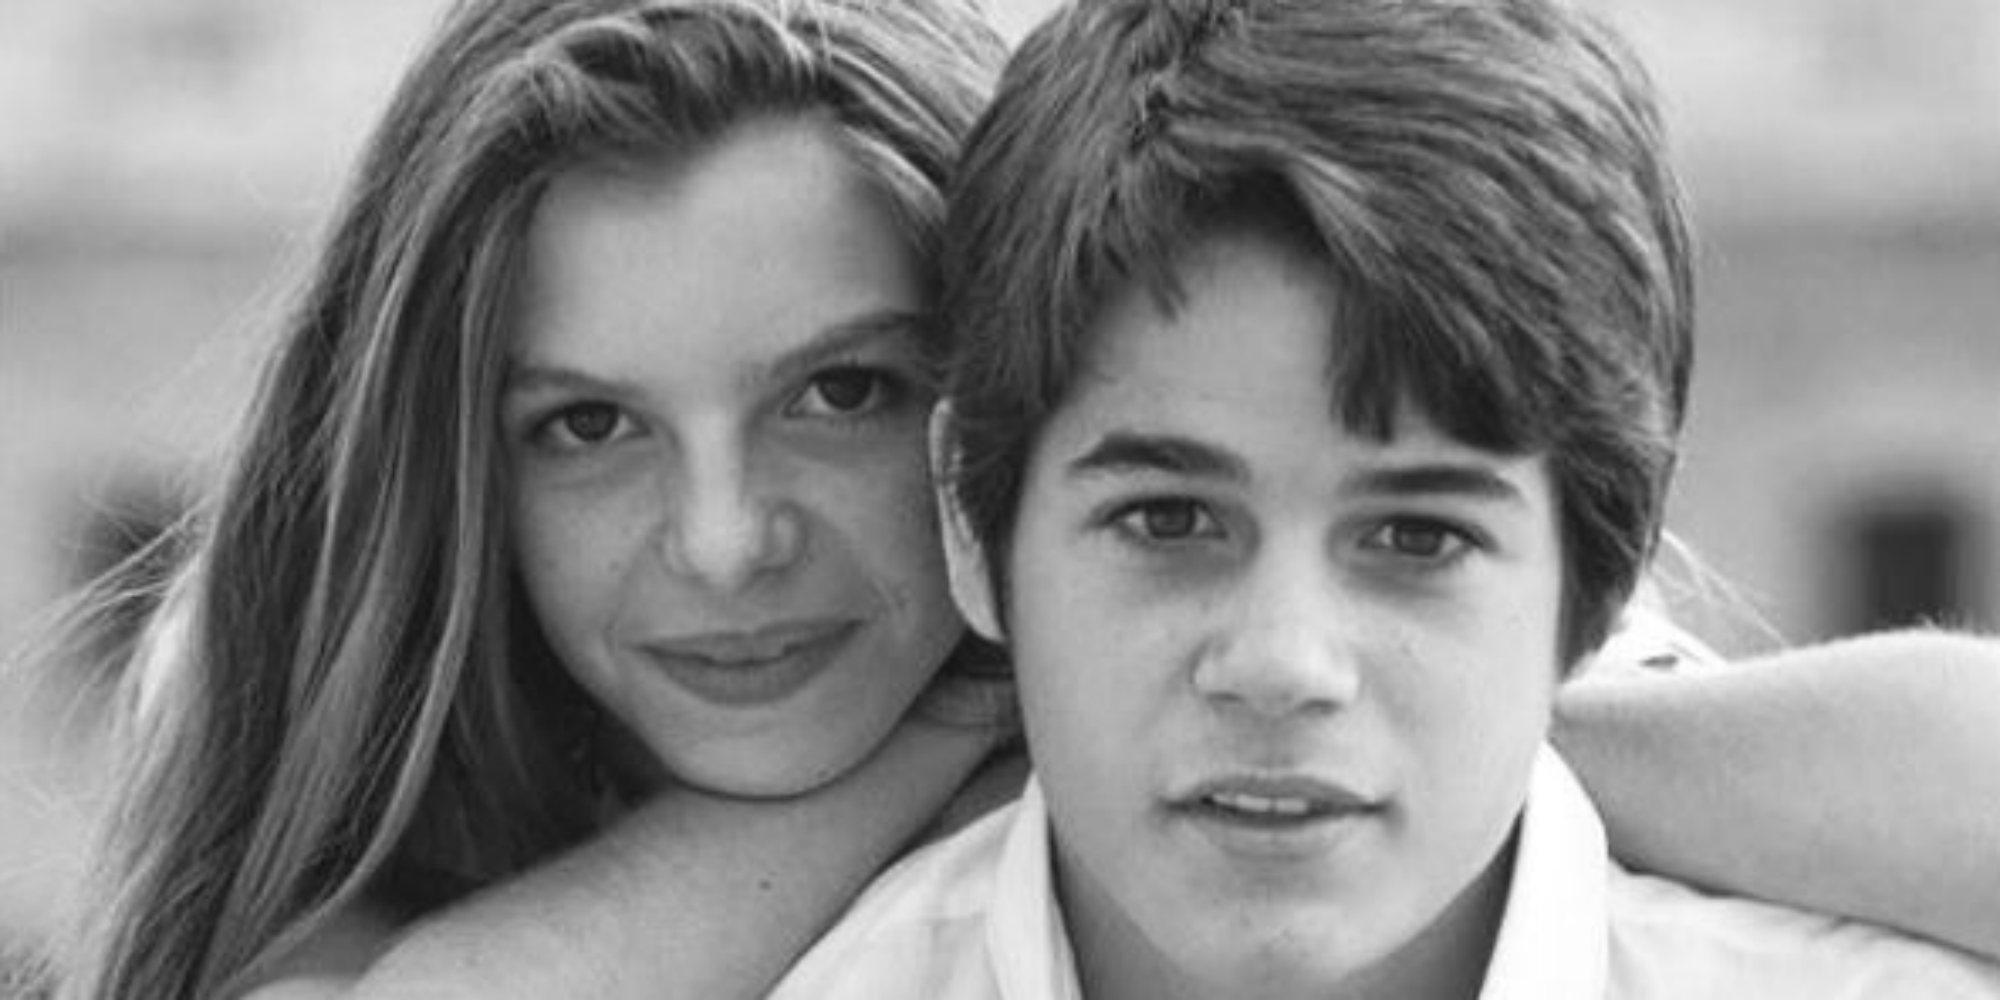 Muere la actriz Paloma Gómez, expareja de Jorge Sanz, a los 46 años